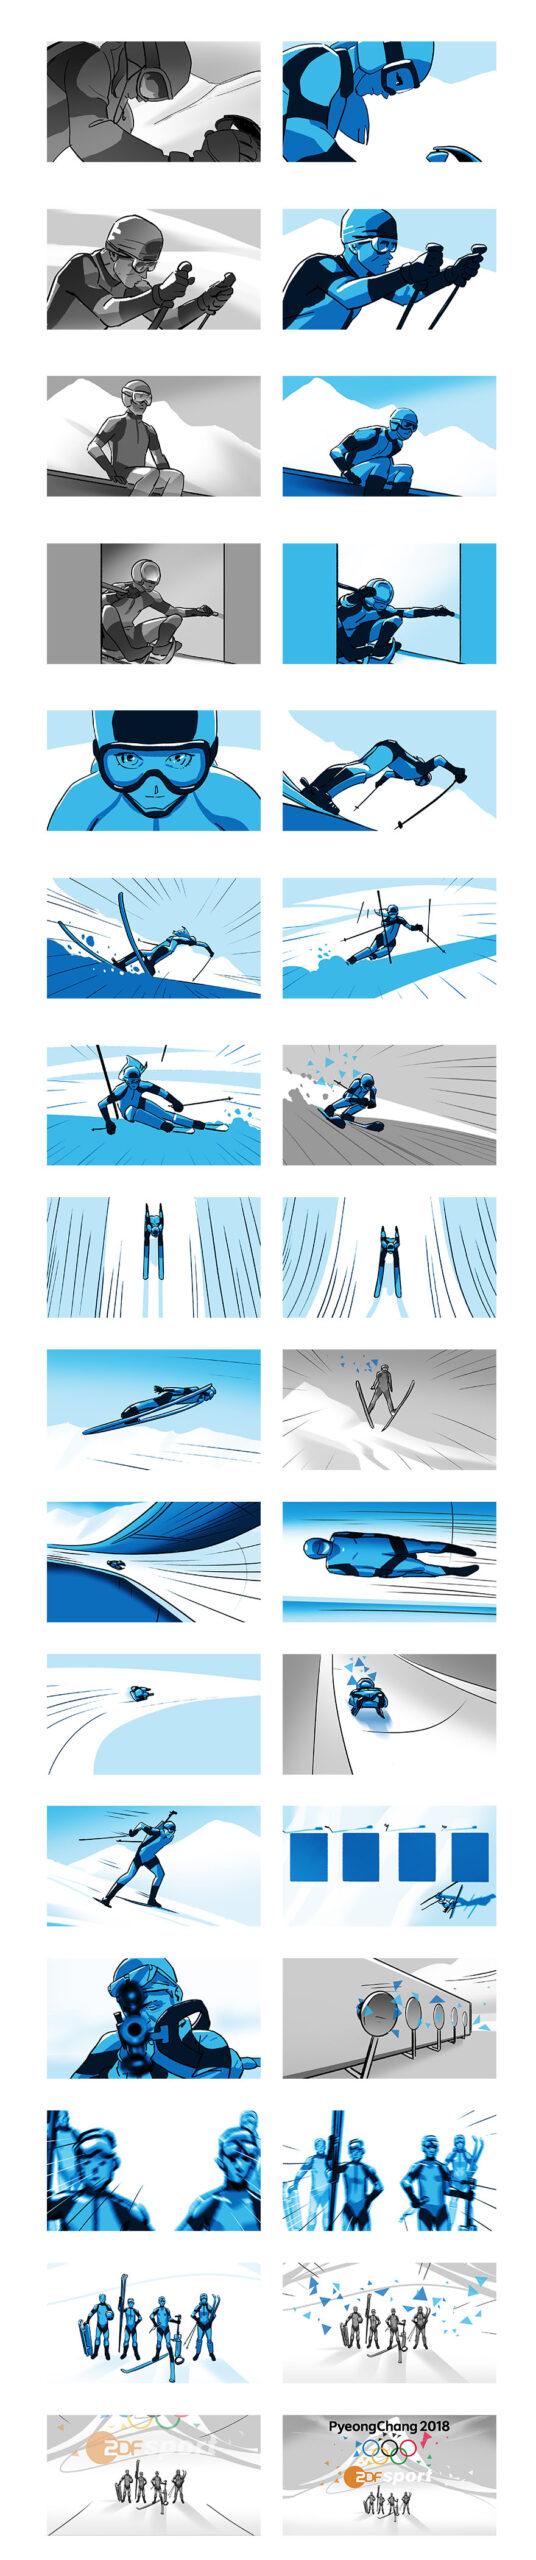 Storyboardübersicht, erstellt als Teil eines Pitches zur ZDF Winterolympiade zusammen mit Bitteschön.TV